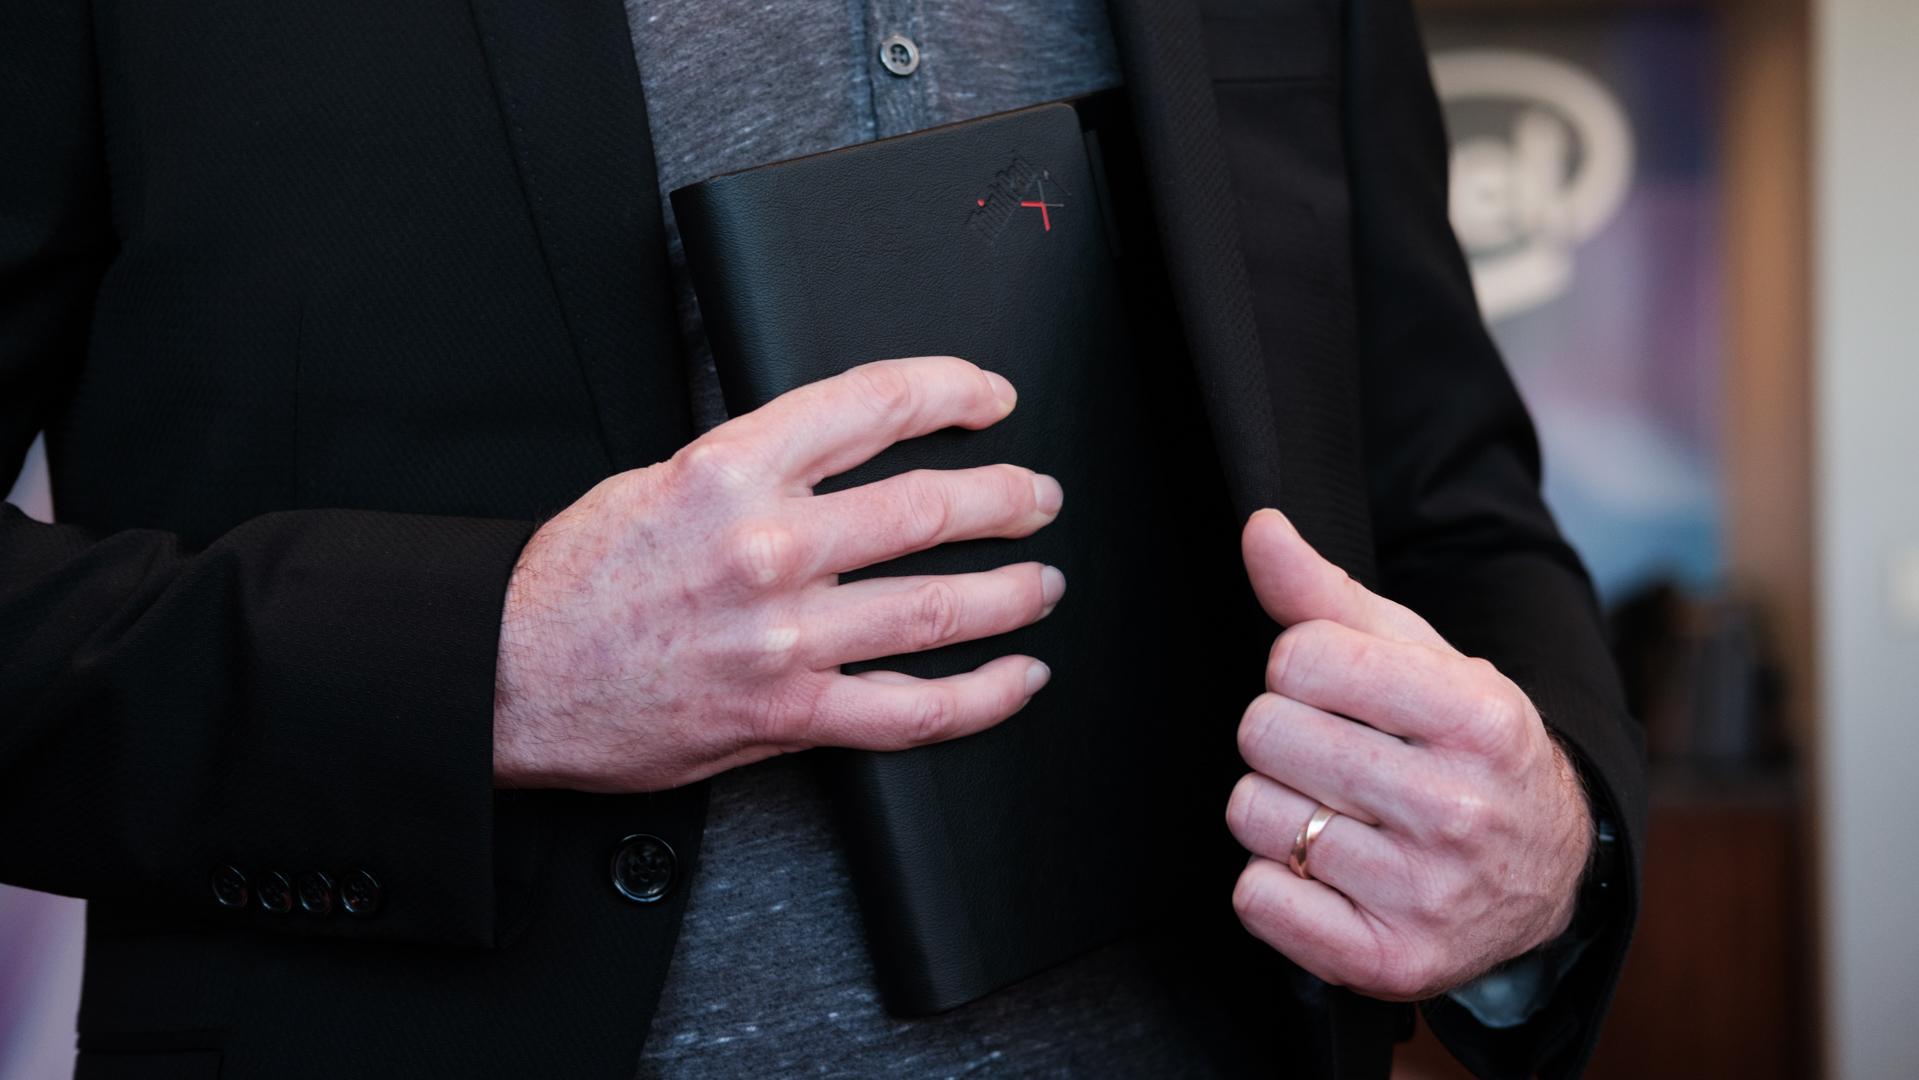 Lenovo Thinkpad X1 Fold folded in hand 2